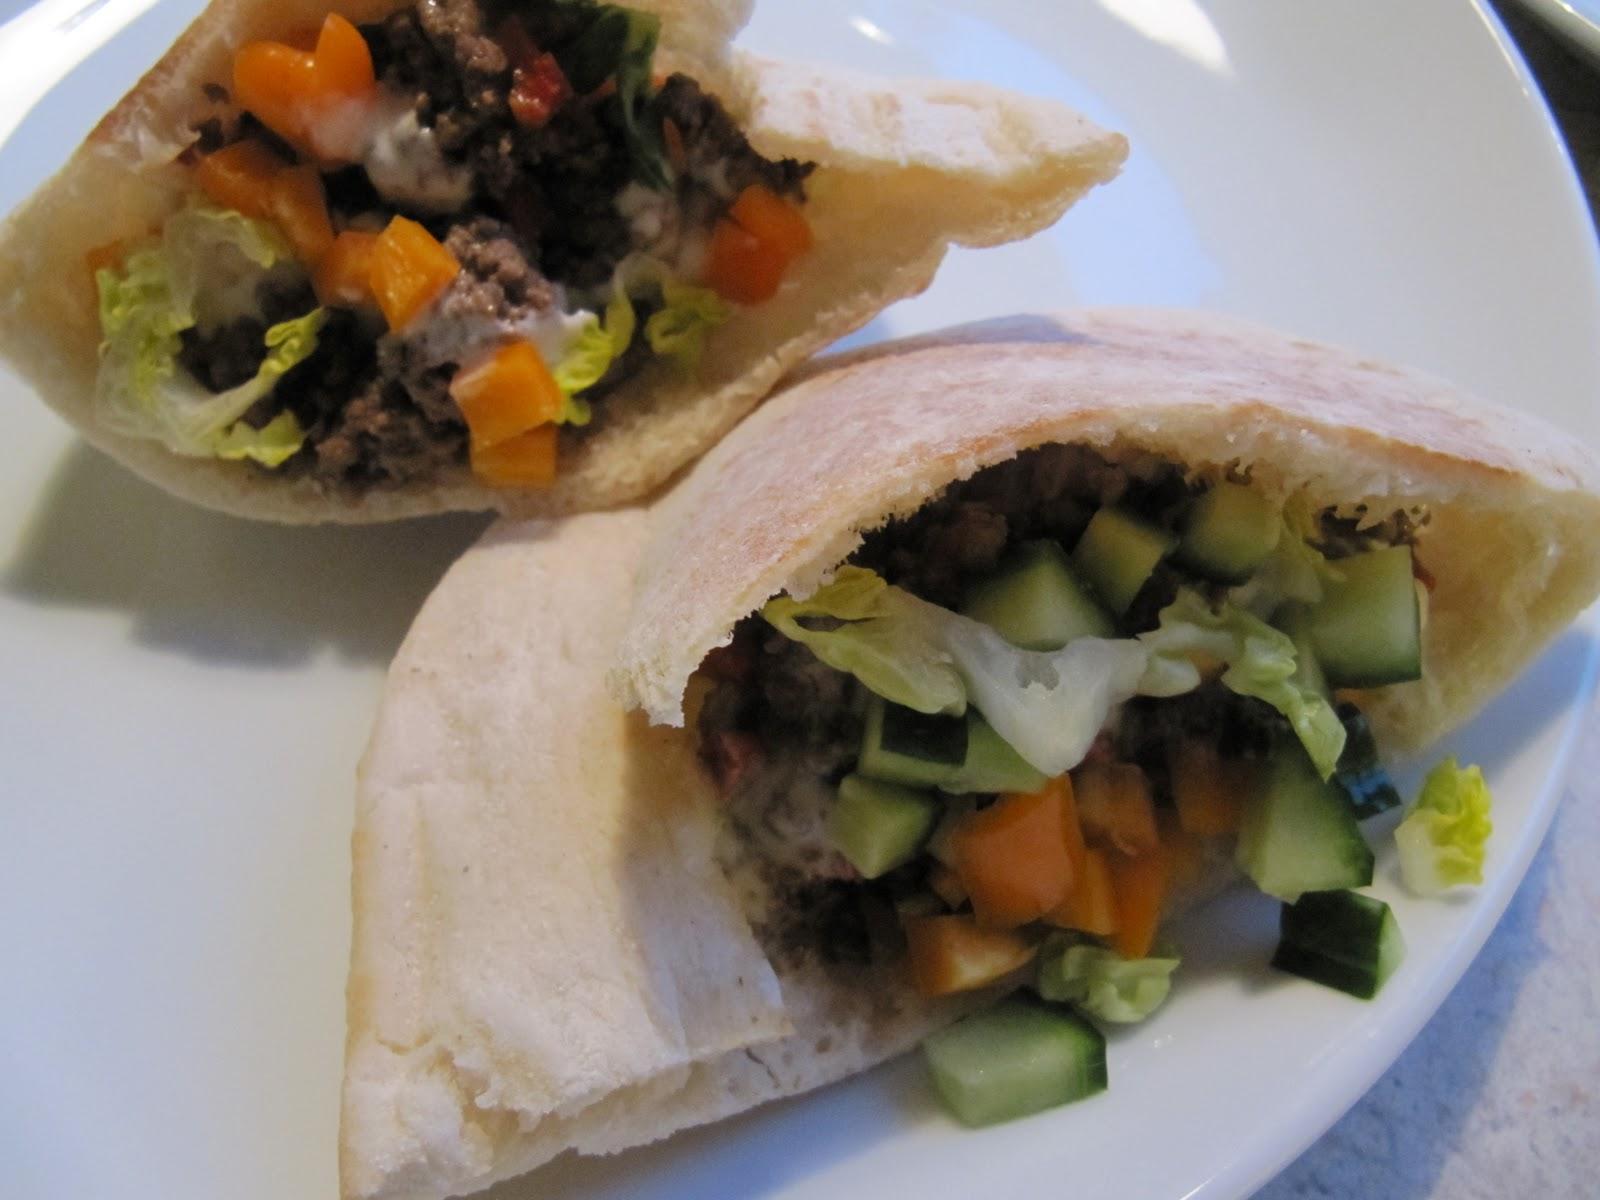 Hanne K's verden: Pitabrød ... hurtig aftensmad i en travl uge